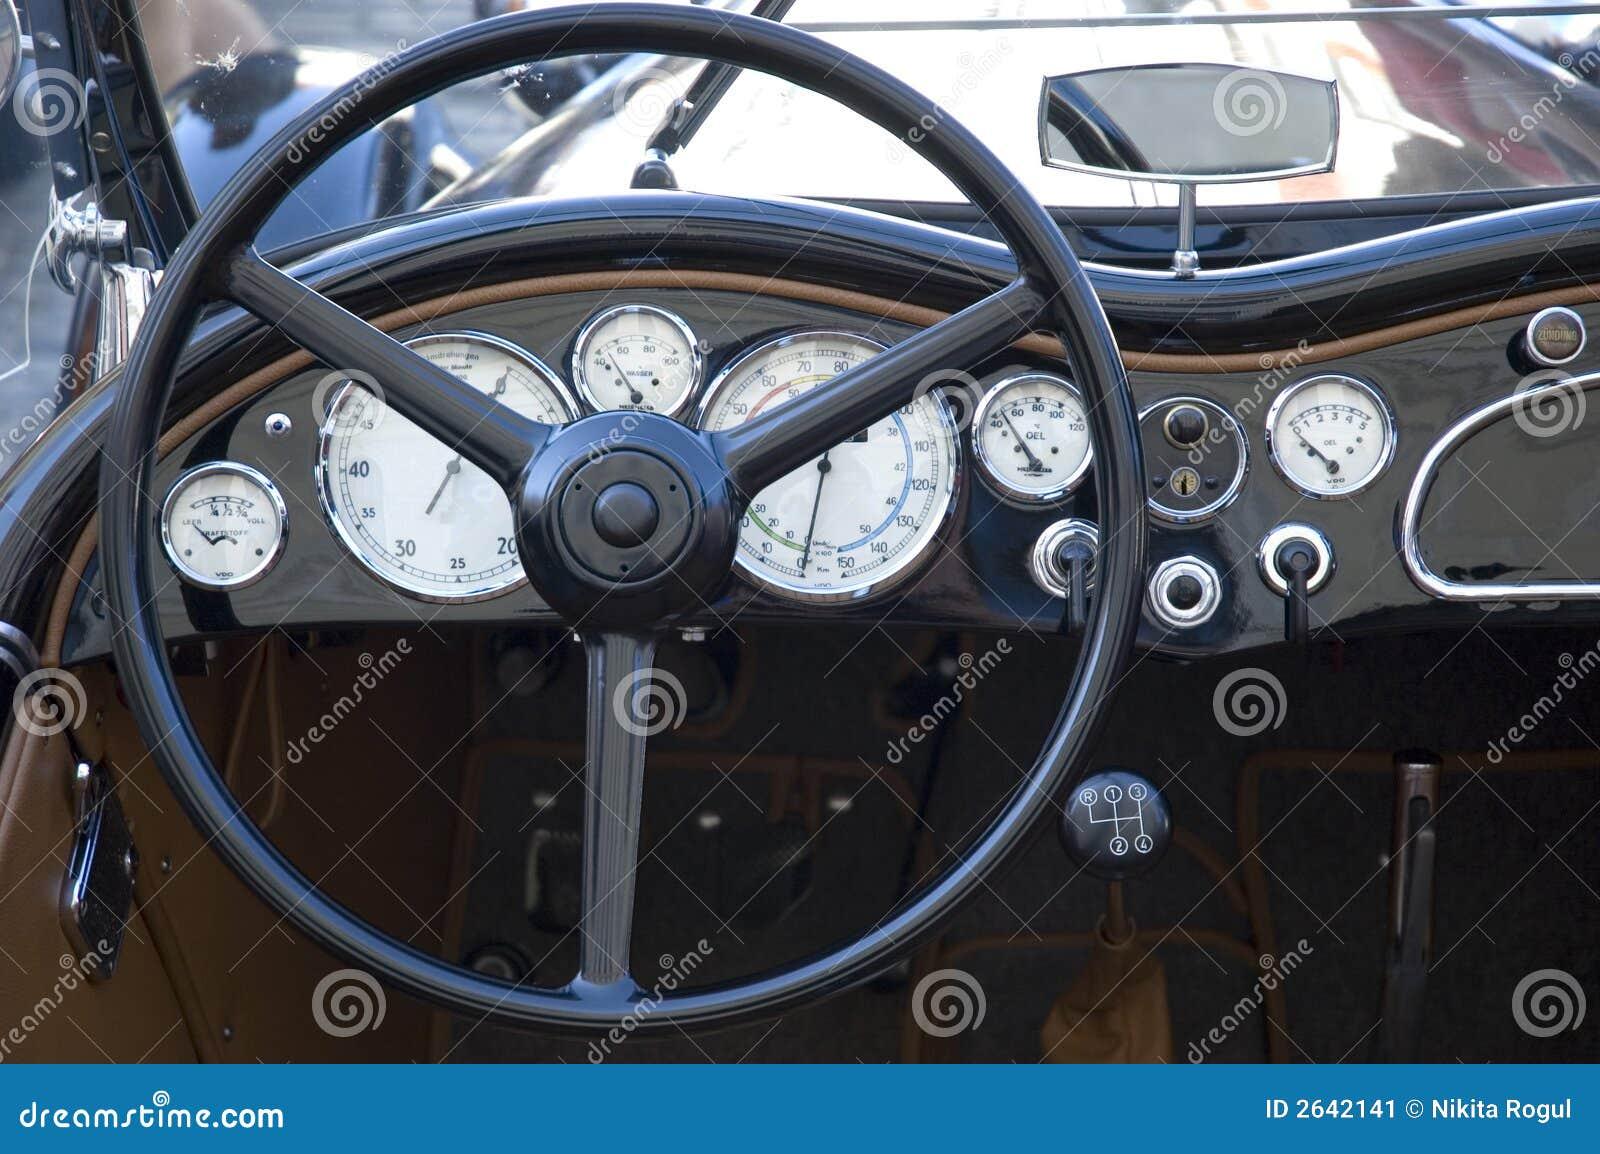 vintage car dashboard stock image image of elegance collector 2642141. Black Bedroom Furniture Sets. Home Design Ideas